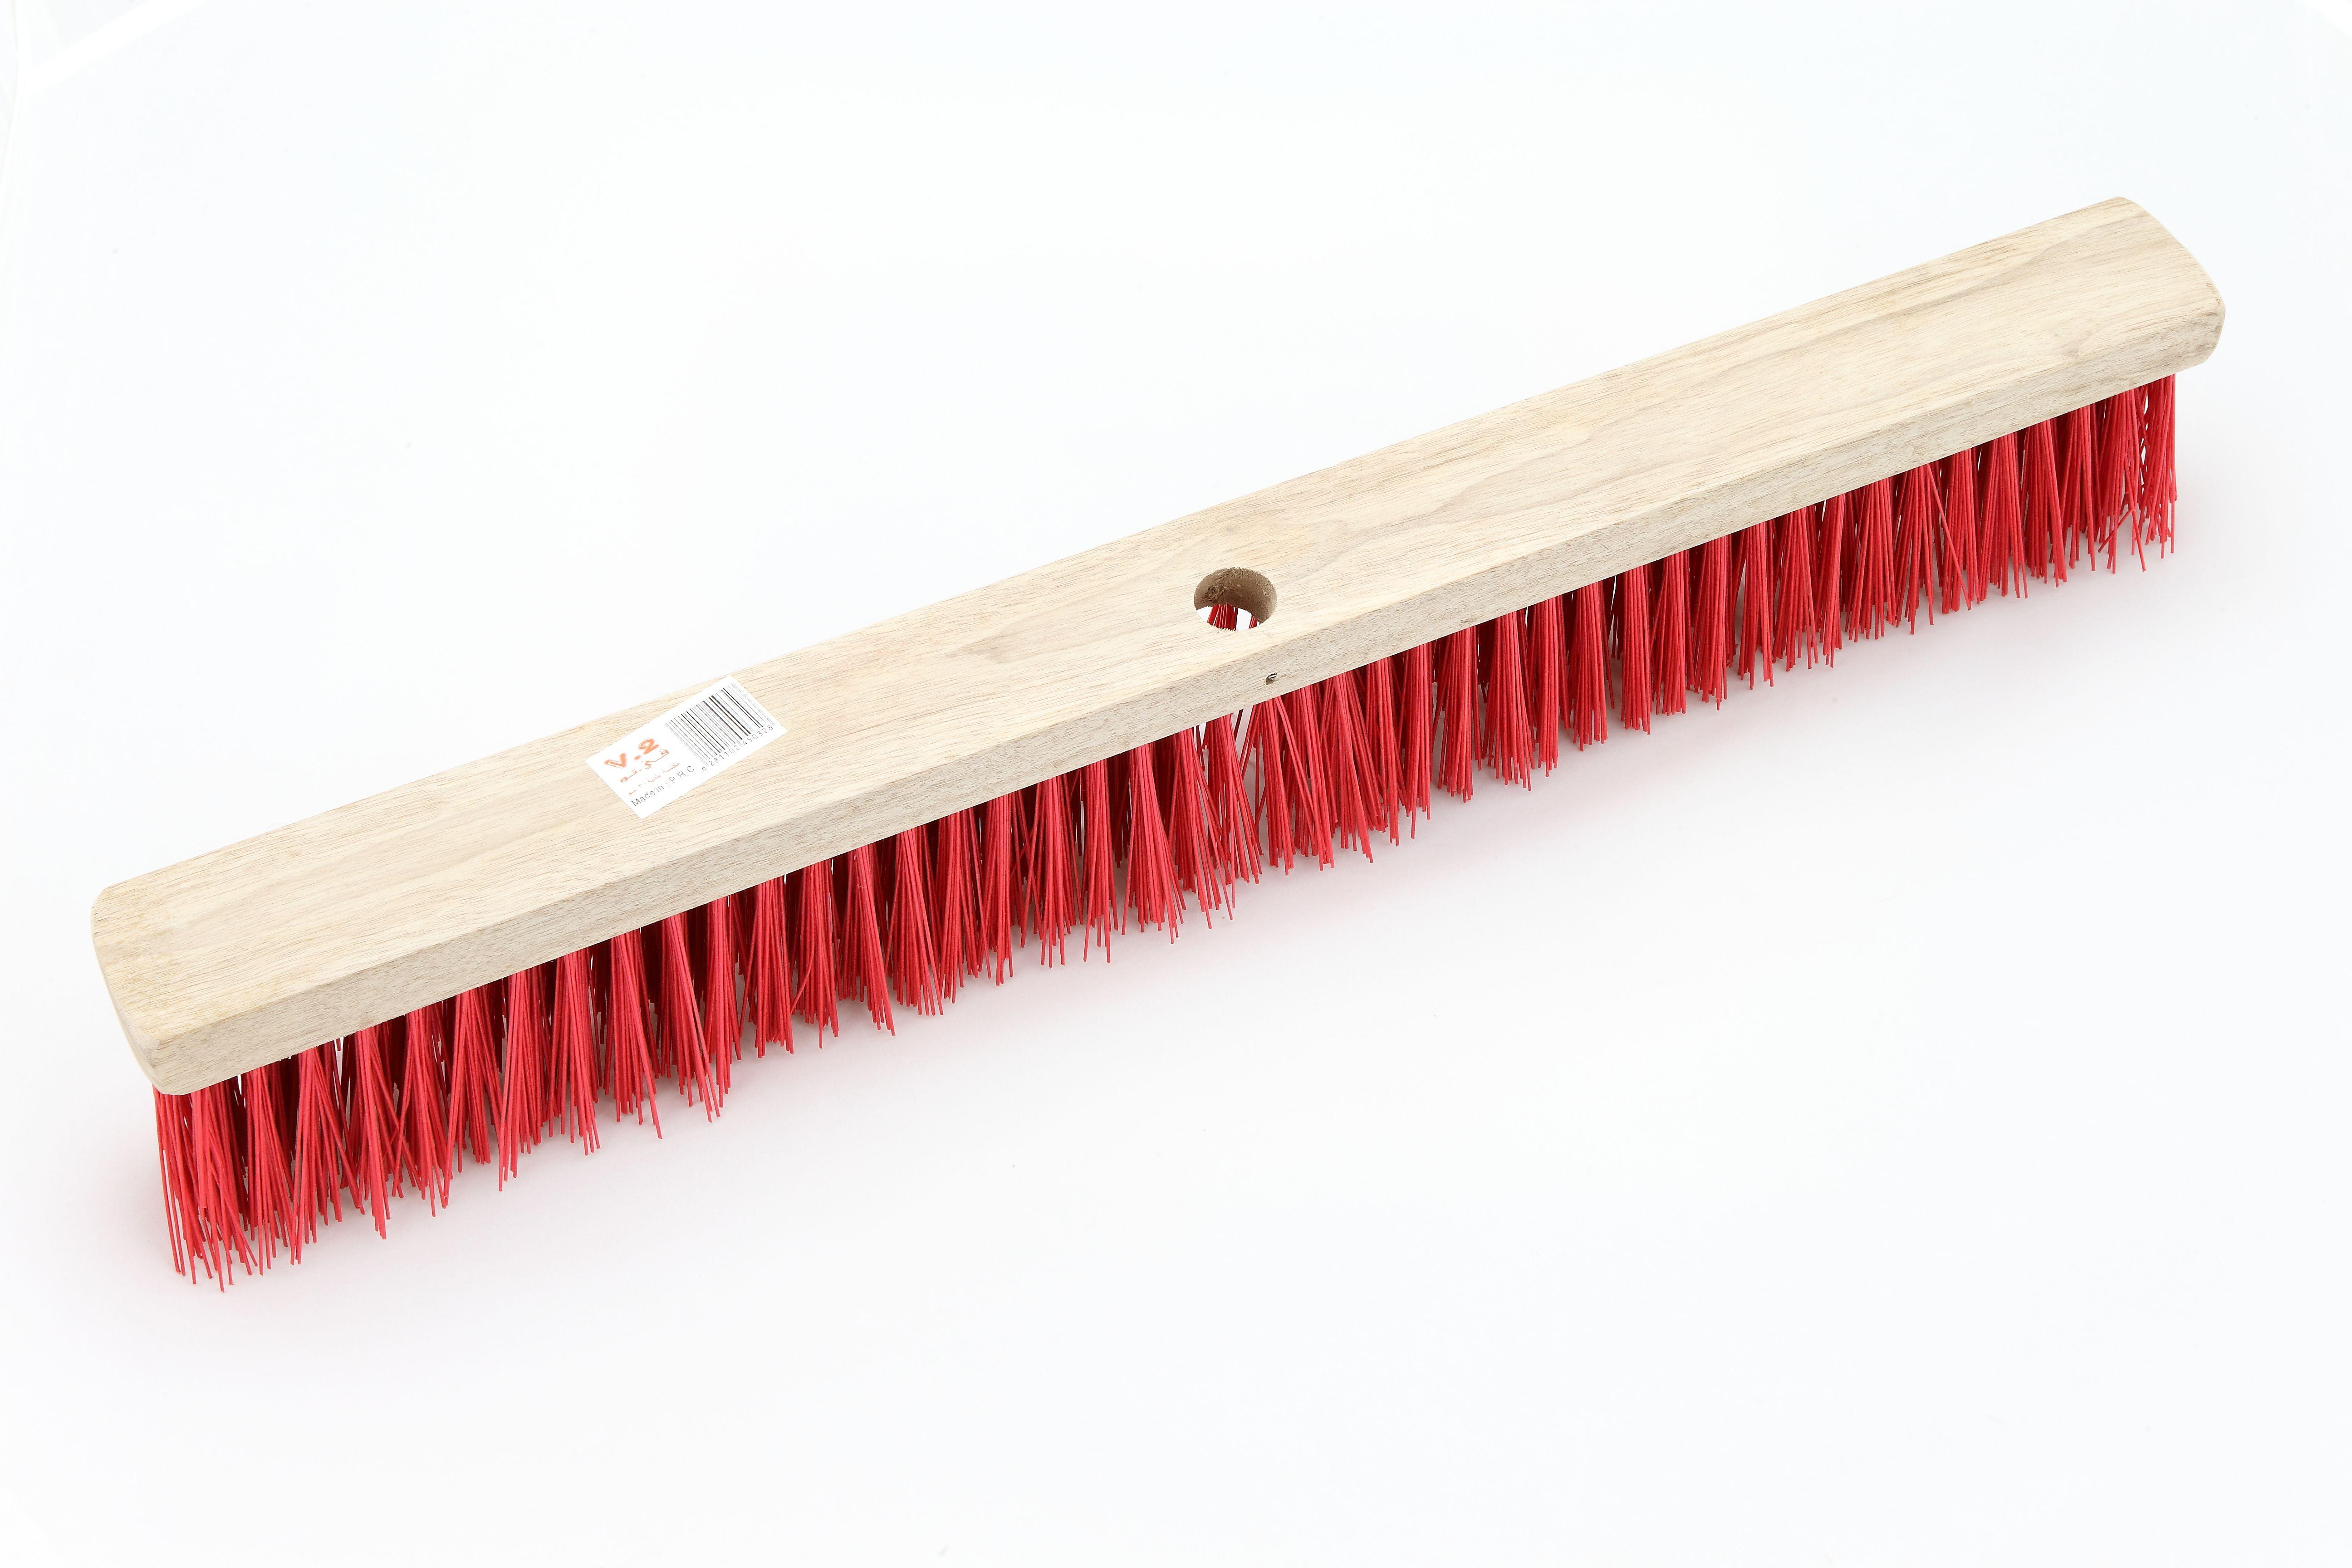 مكنسة بلدية 60سم ادوات نظافه تنظيف نظافة تمه Home Broom